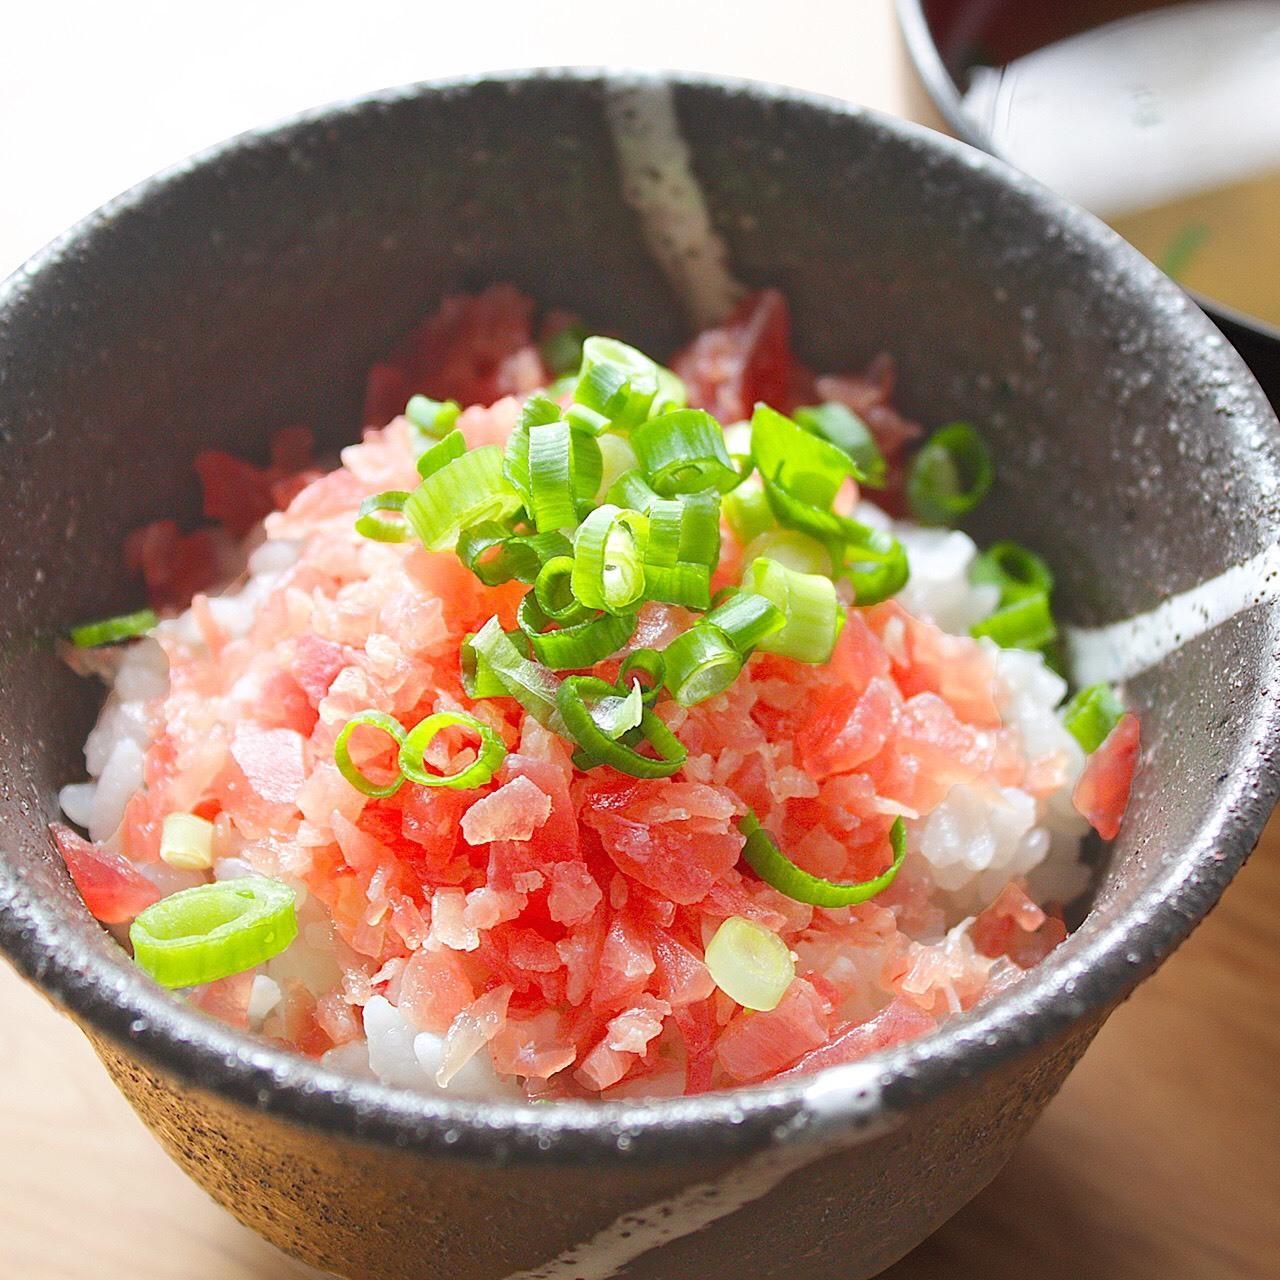 【静岡】天然インドマグロ!インド鮪同好会のまぐろフレーク Tuna flakes by Bluefin tuna club